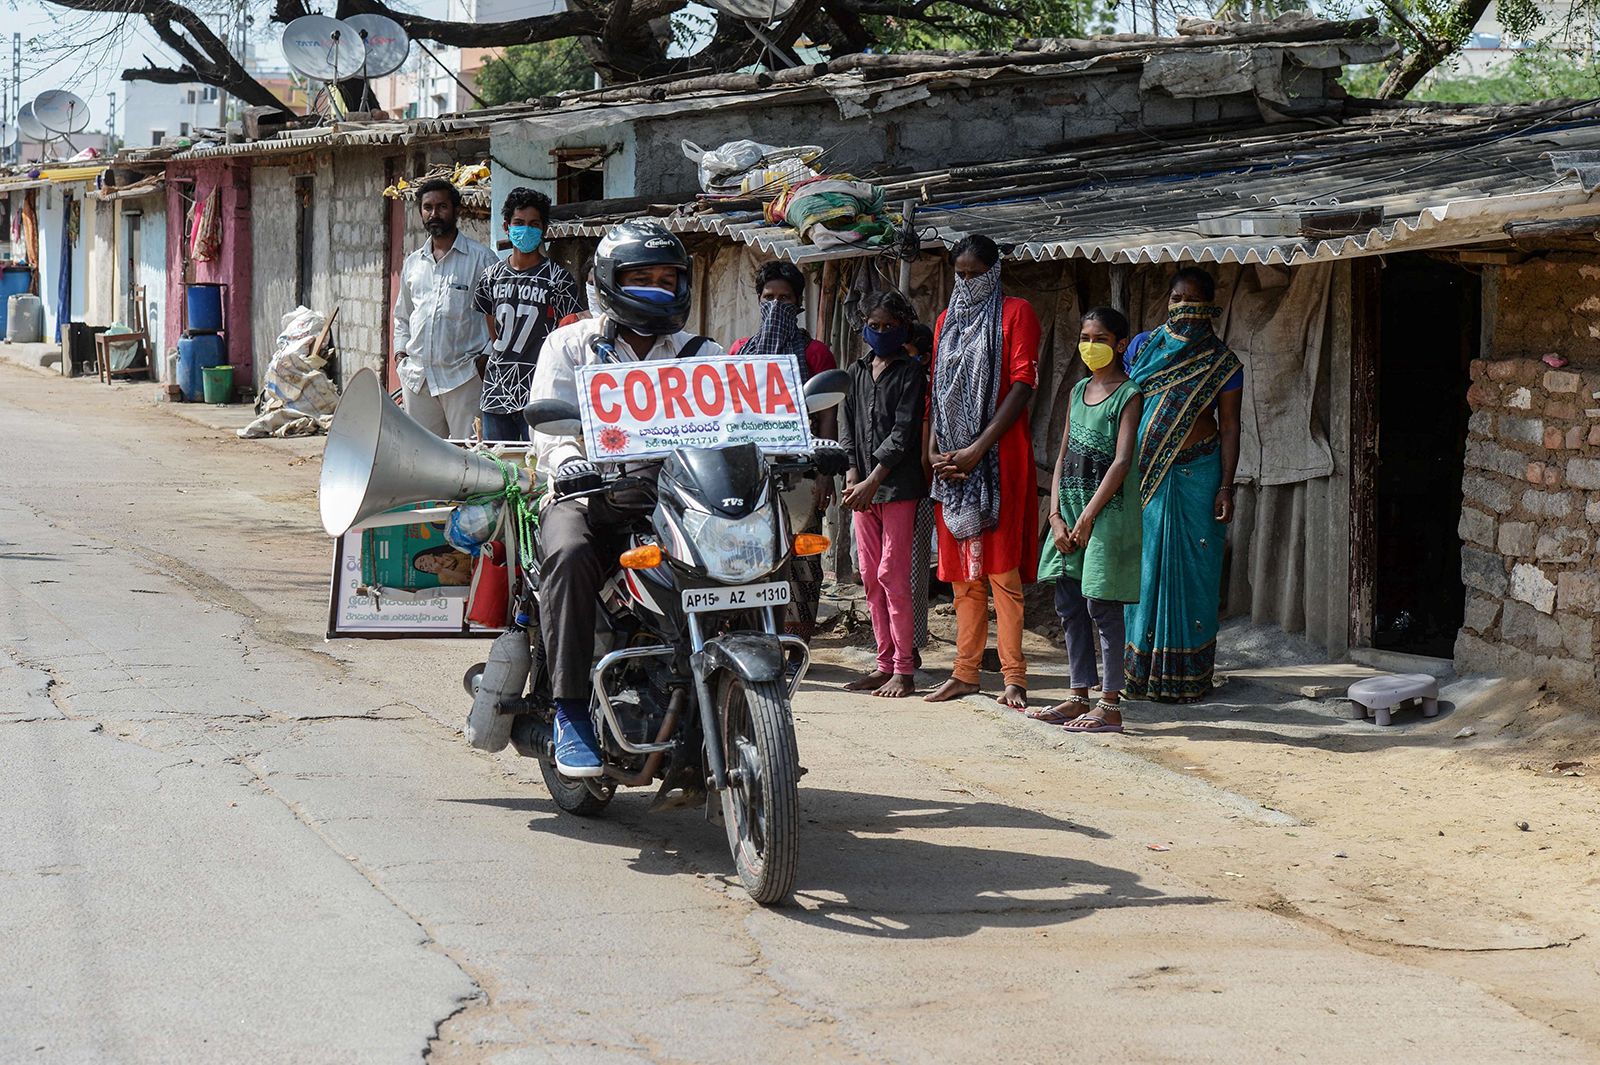 Một nhân viên tuyên truyền dịch COVID-19 đi xe máy qua làng Telangana, bang Hyderabad ngày 21-5. Ảnh: AFP/Getty Images